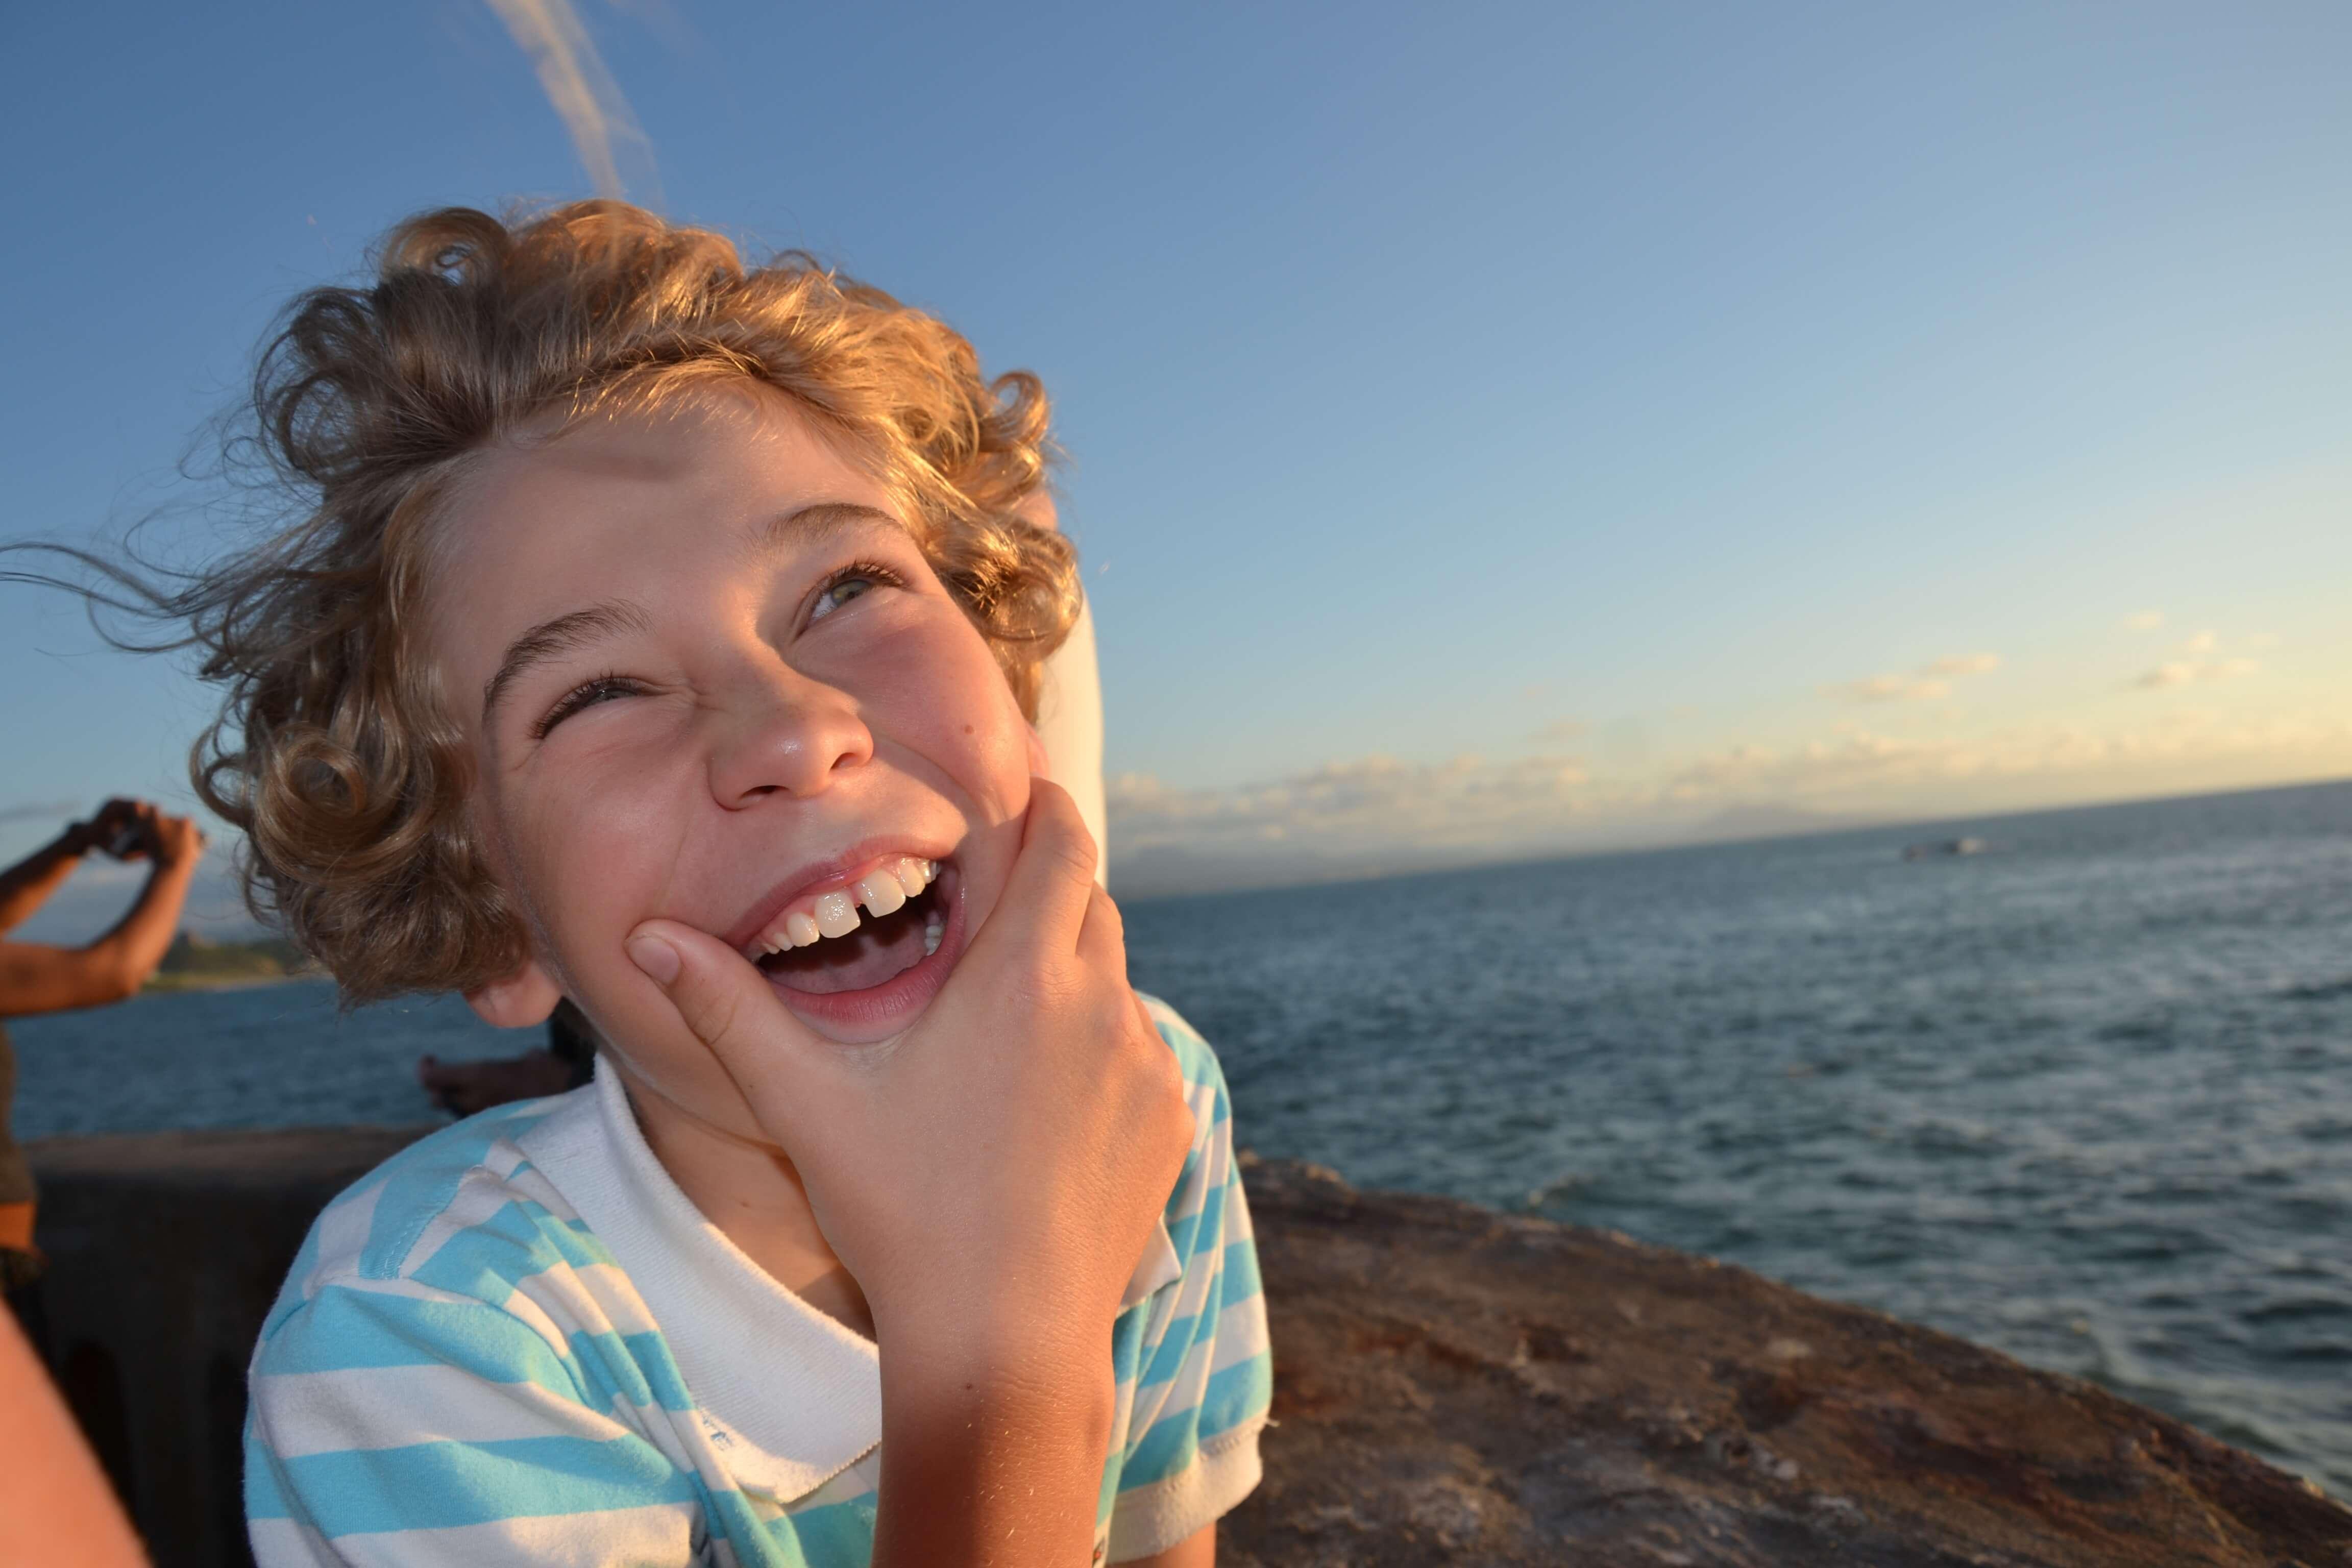 満面の笑顔の男の子